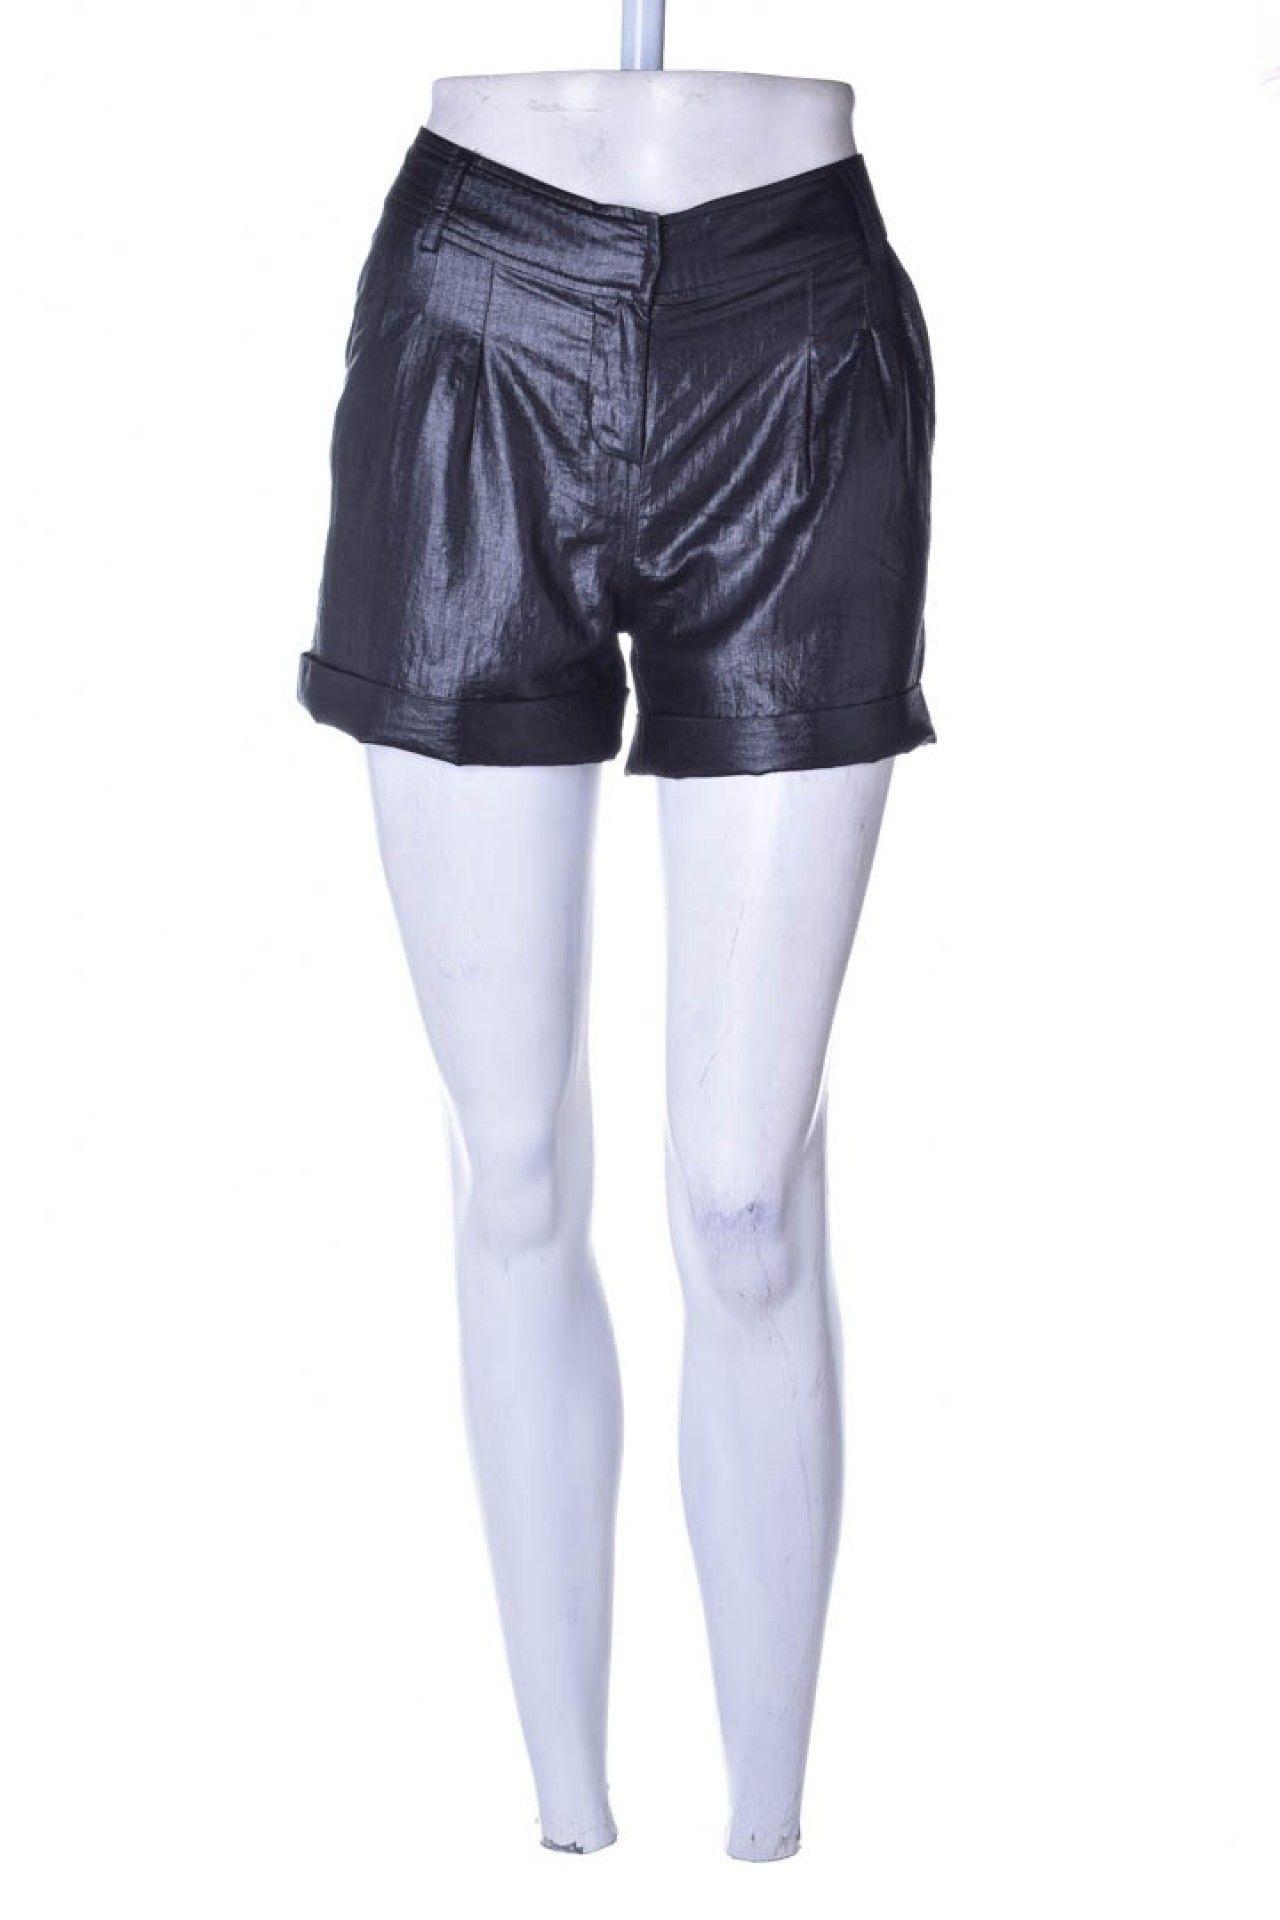 Armani Exchange - Shorts Alfaitaria Preto  - Foto 1